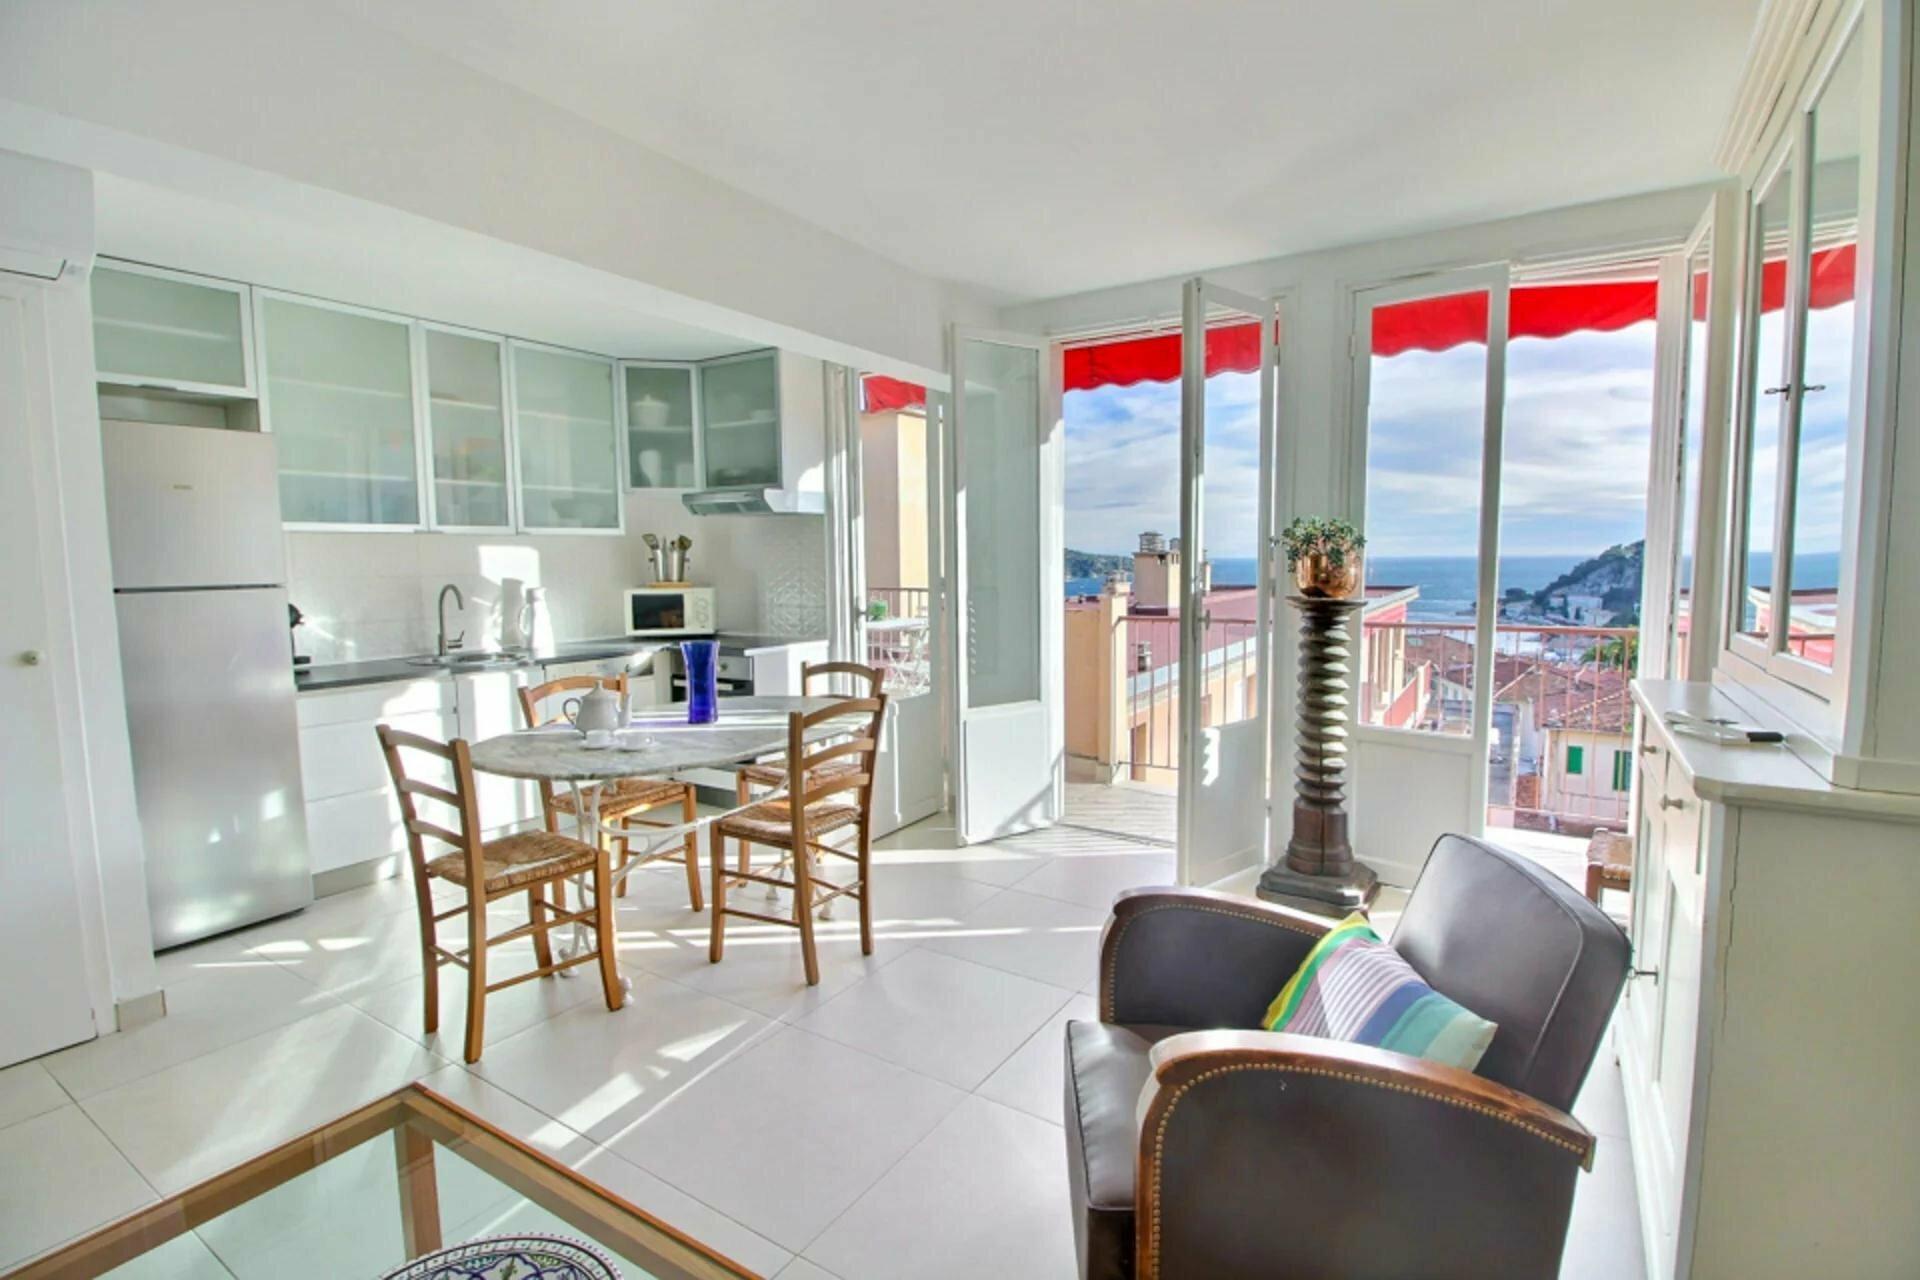 Apartment in Villefranche-sur-Mer, Provence-Alpes-Côte d'Azur, France 1 - 11326529